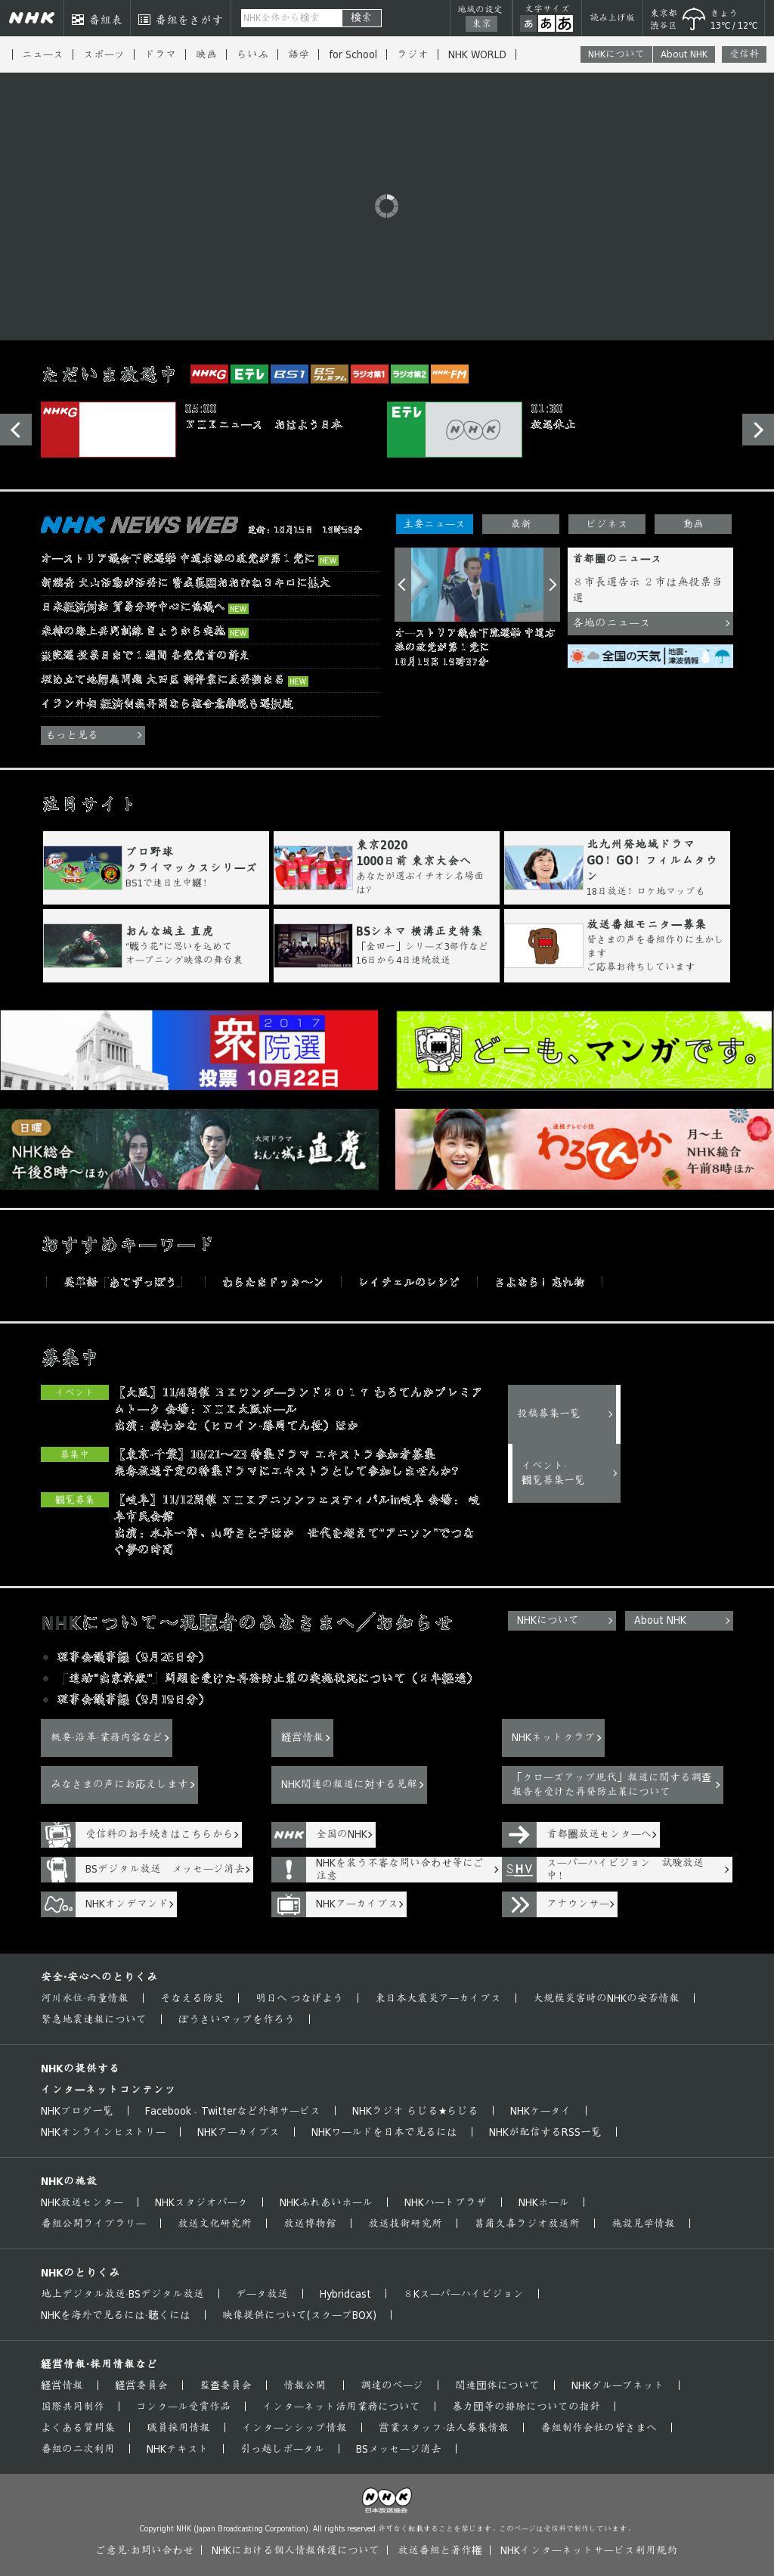 NHK Online at Sunday Oct. 15, 2017, 8:04 p.m. UTC